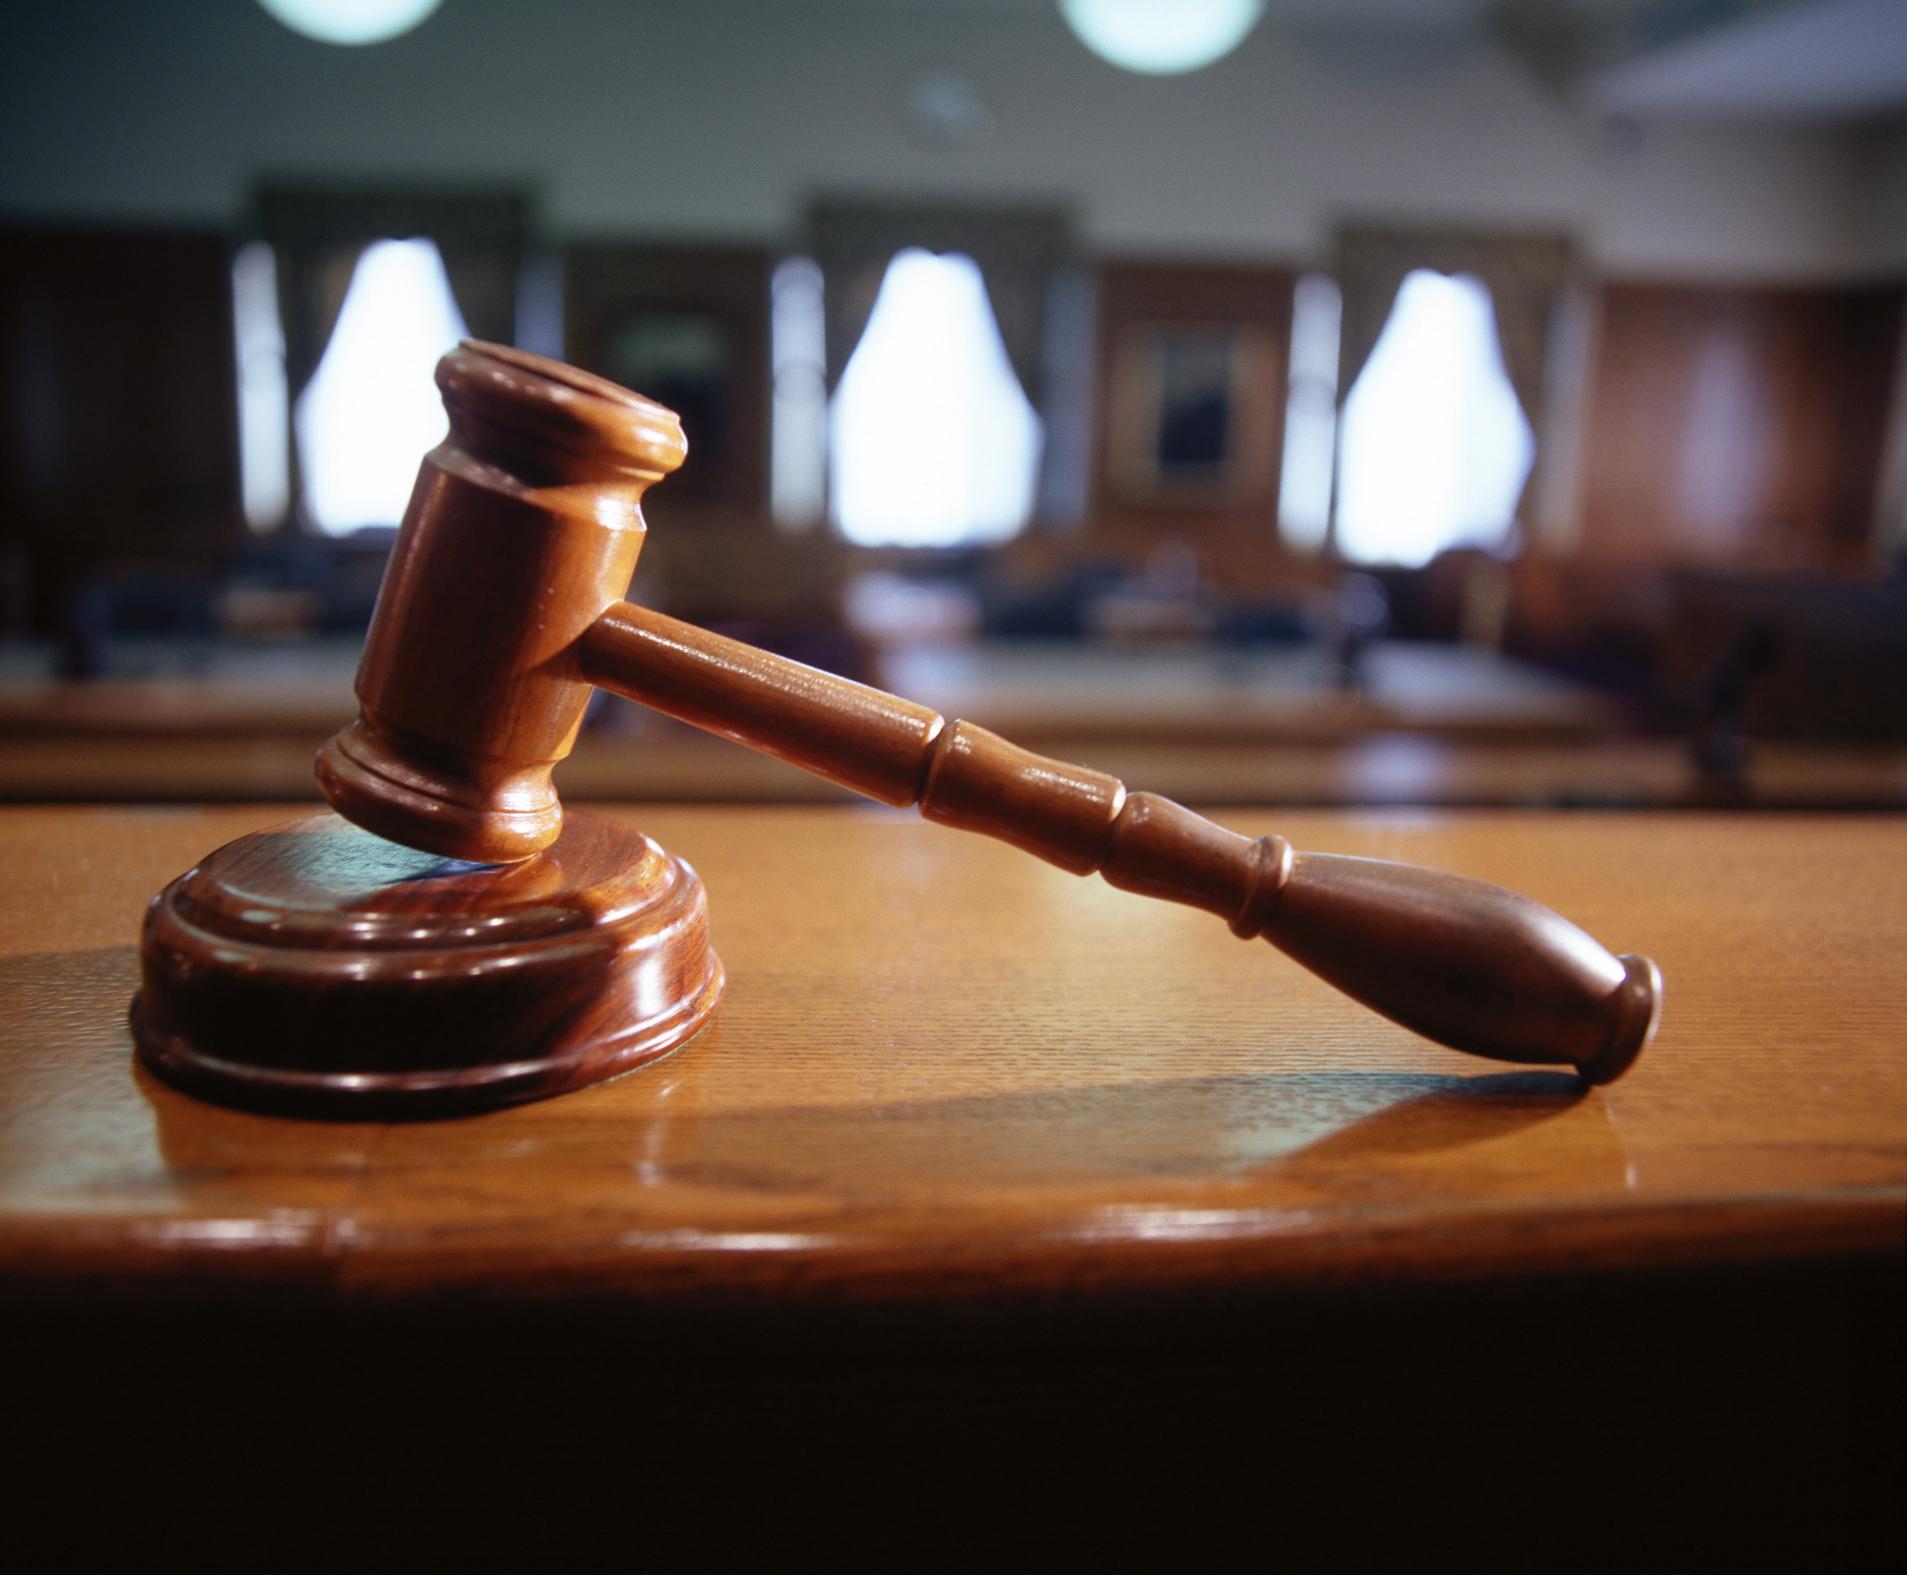 За хуліганські дії мешканцю Берегова загрожує 4 роки ув'язнення